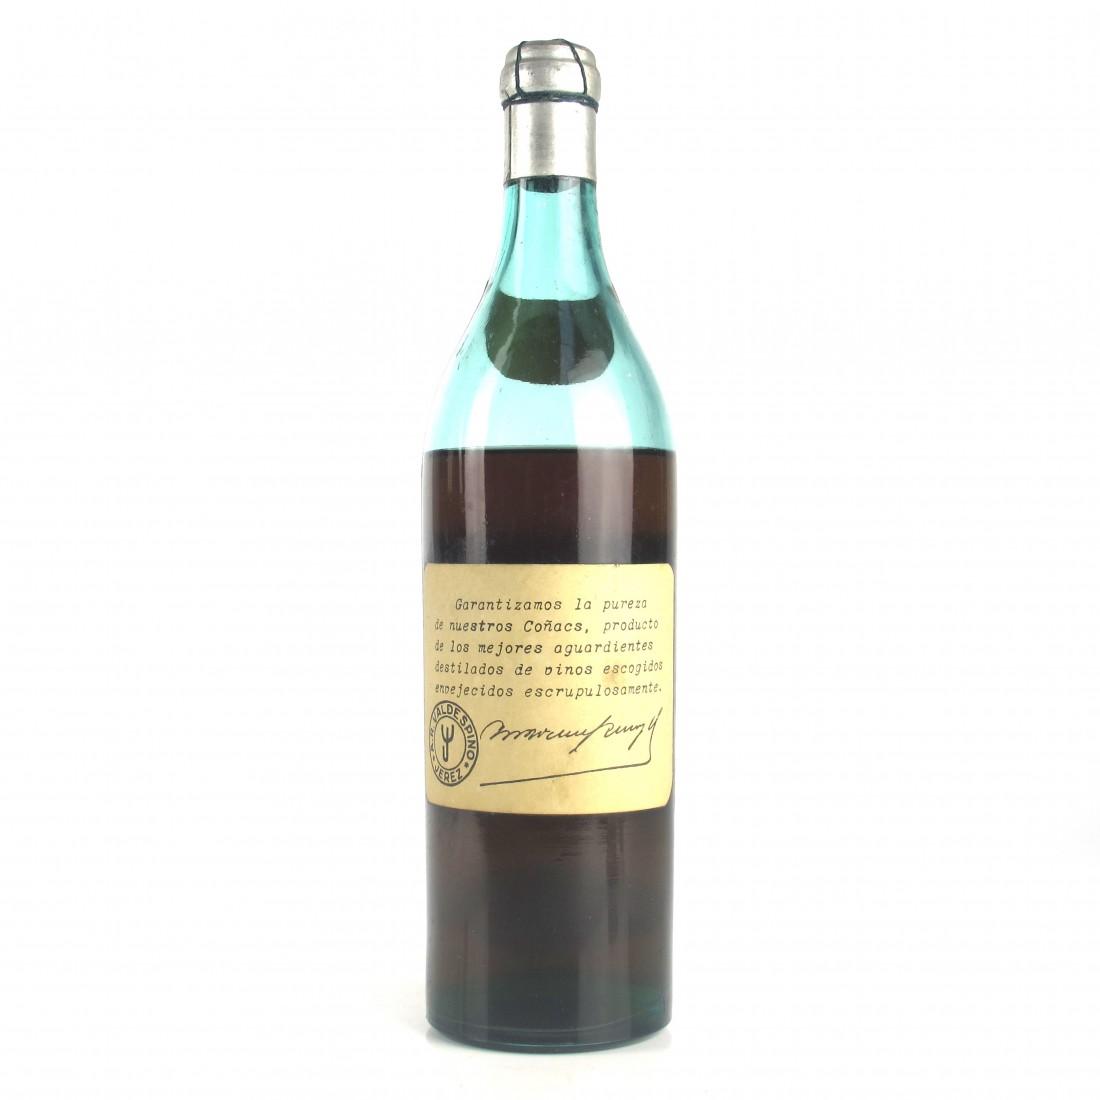 Valdespino Brandy 73cl circa 1930s/40s